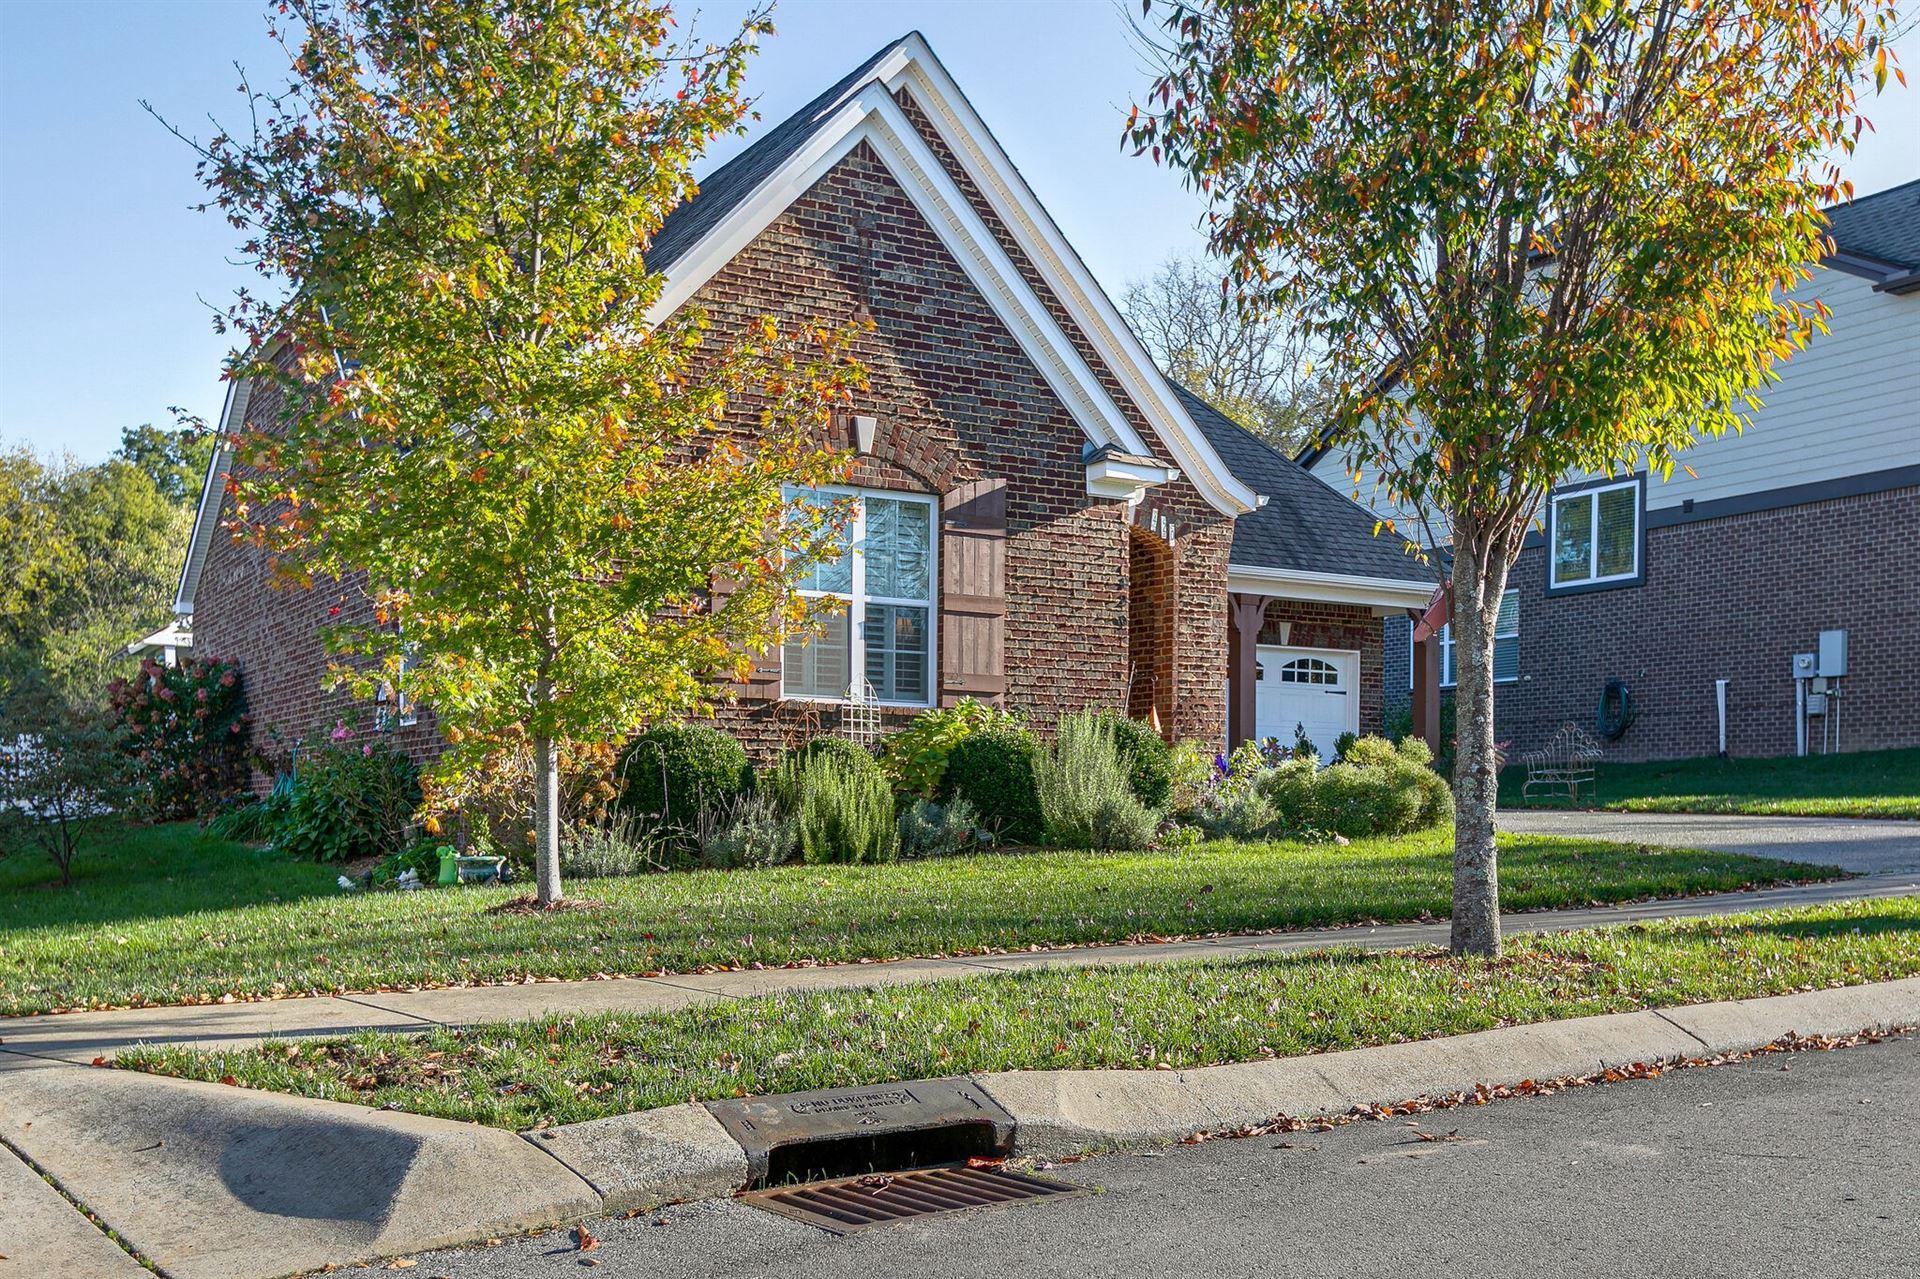 Photo of 420 Irvine Ln, Franklin, TN 37064 (MLS # 2202721)